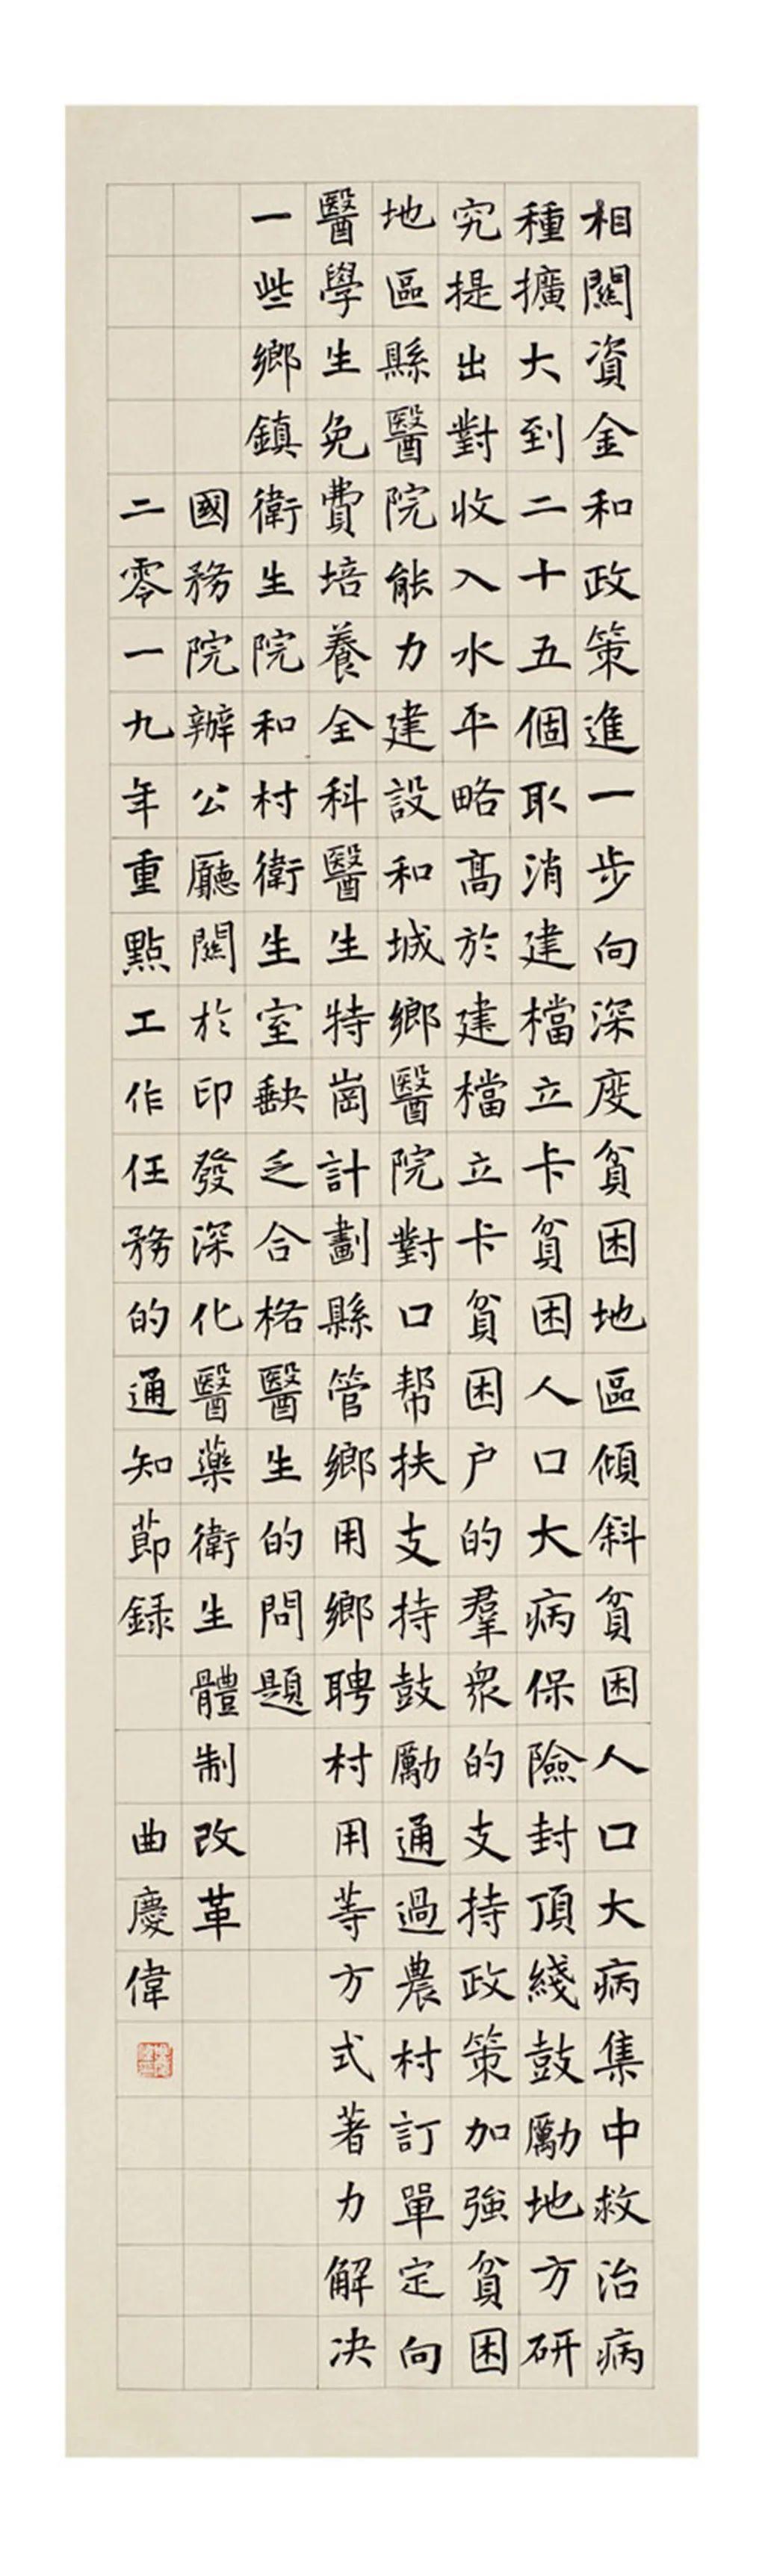 中国力量——全国扶贫书法大展作品 | 第一篇章 :人民至上(图45)